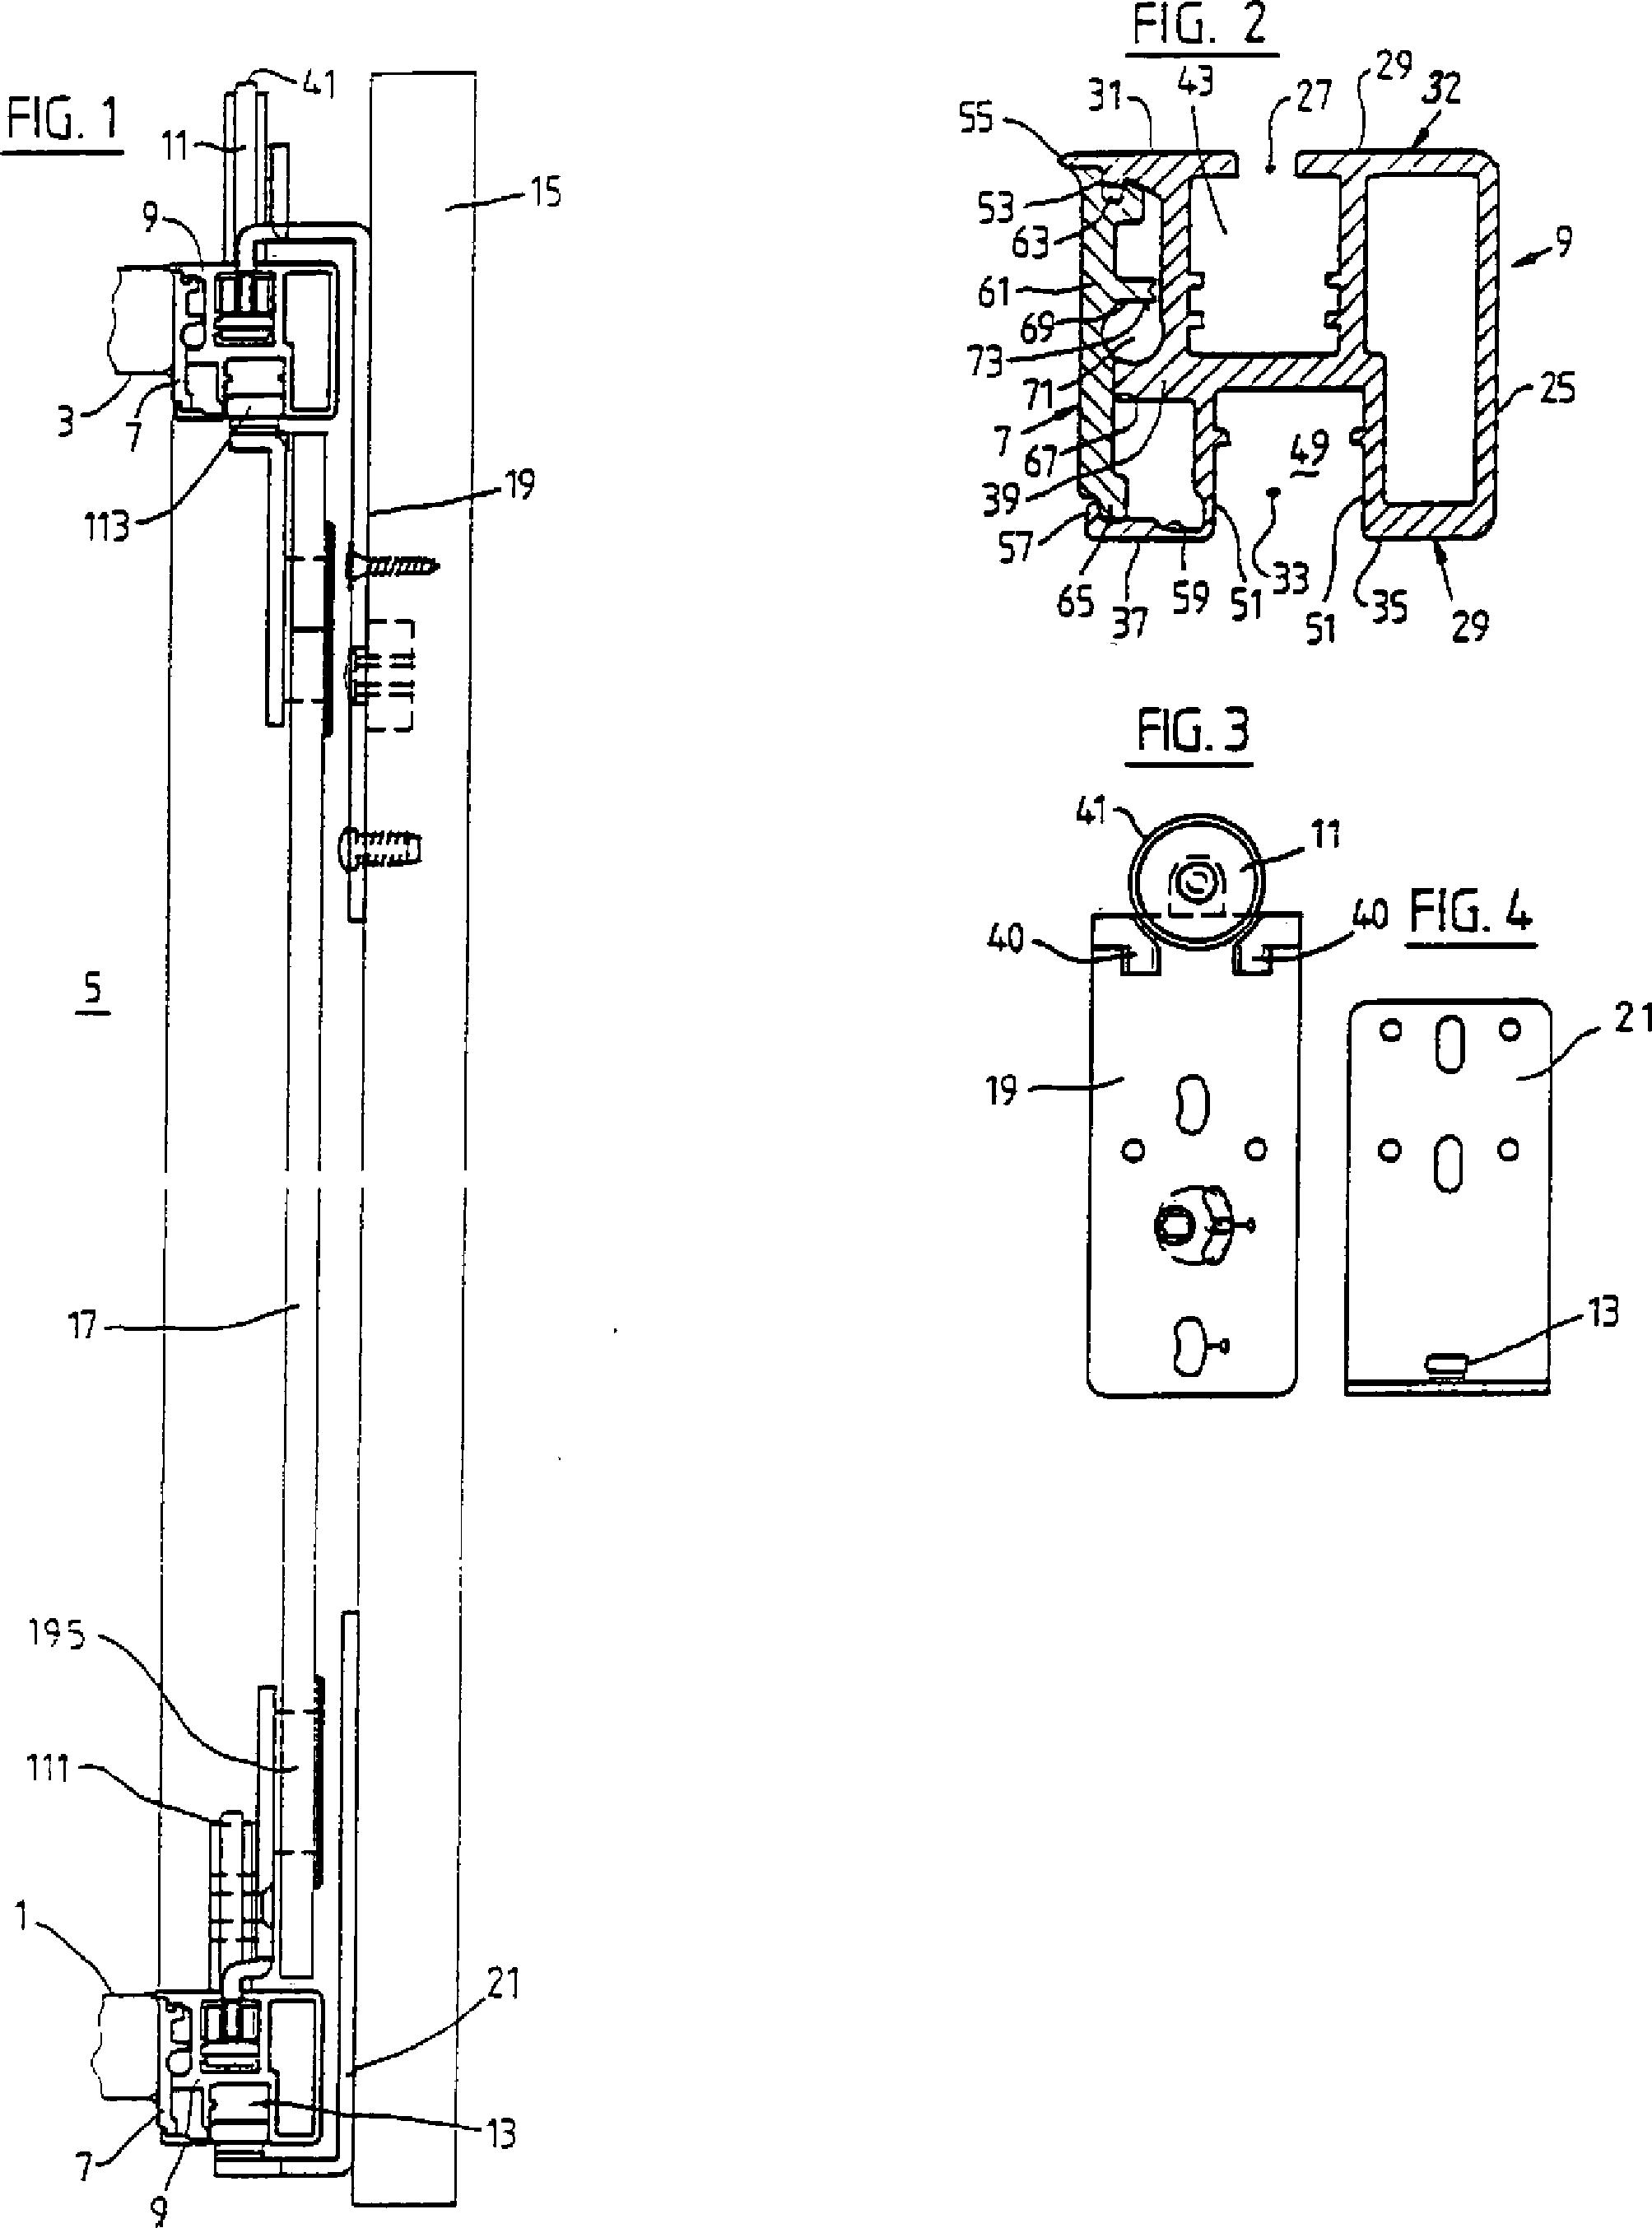 patent de19742780c5 laufrollen und f hrungsanordnung. Black Bedroom Furniture Sets. Home Design Ideas